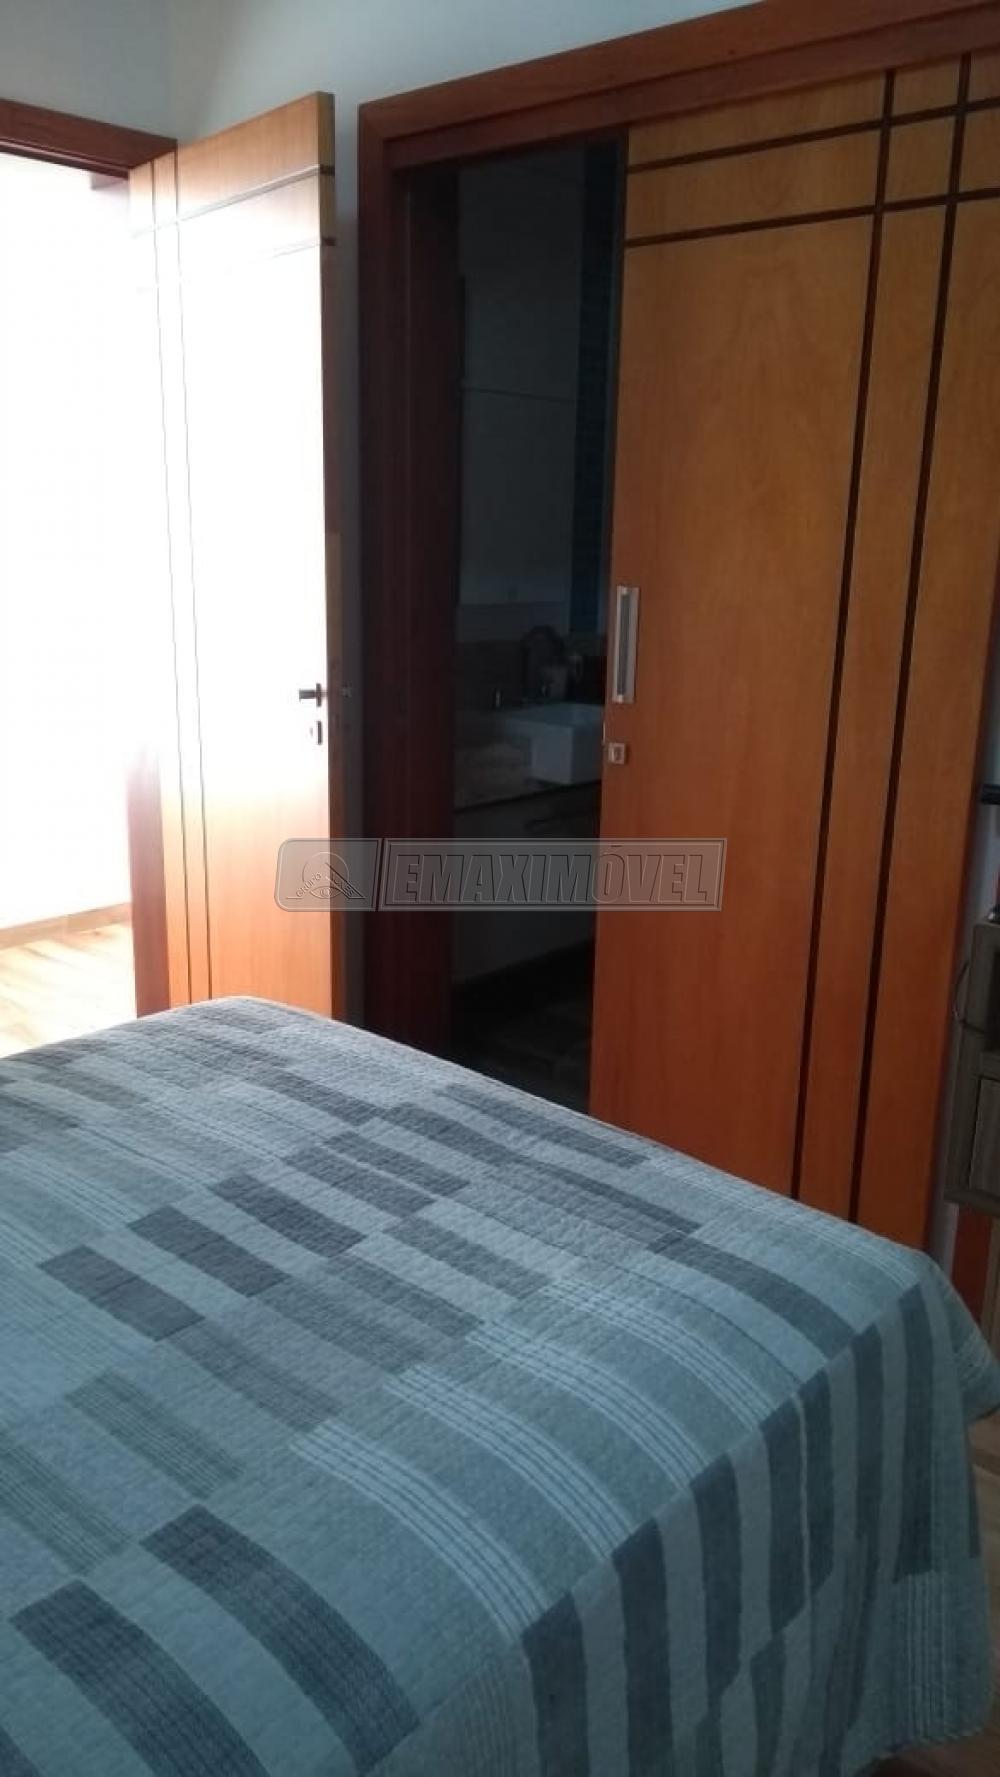 Comprar Casas / em Condomínios em Sorocaba apenas R$ 1.000.000,00 - Foto 13